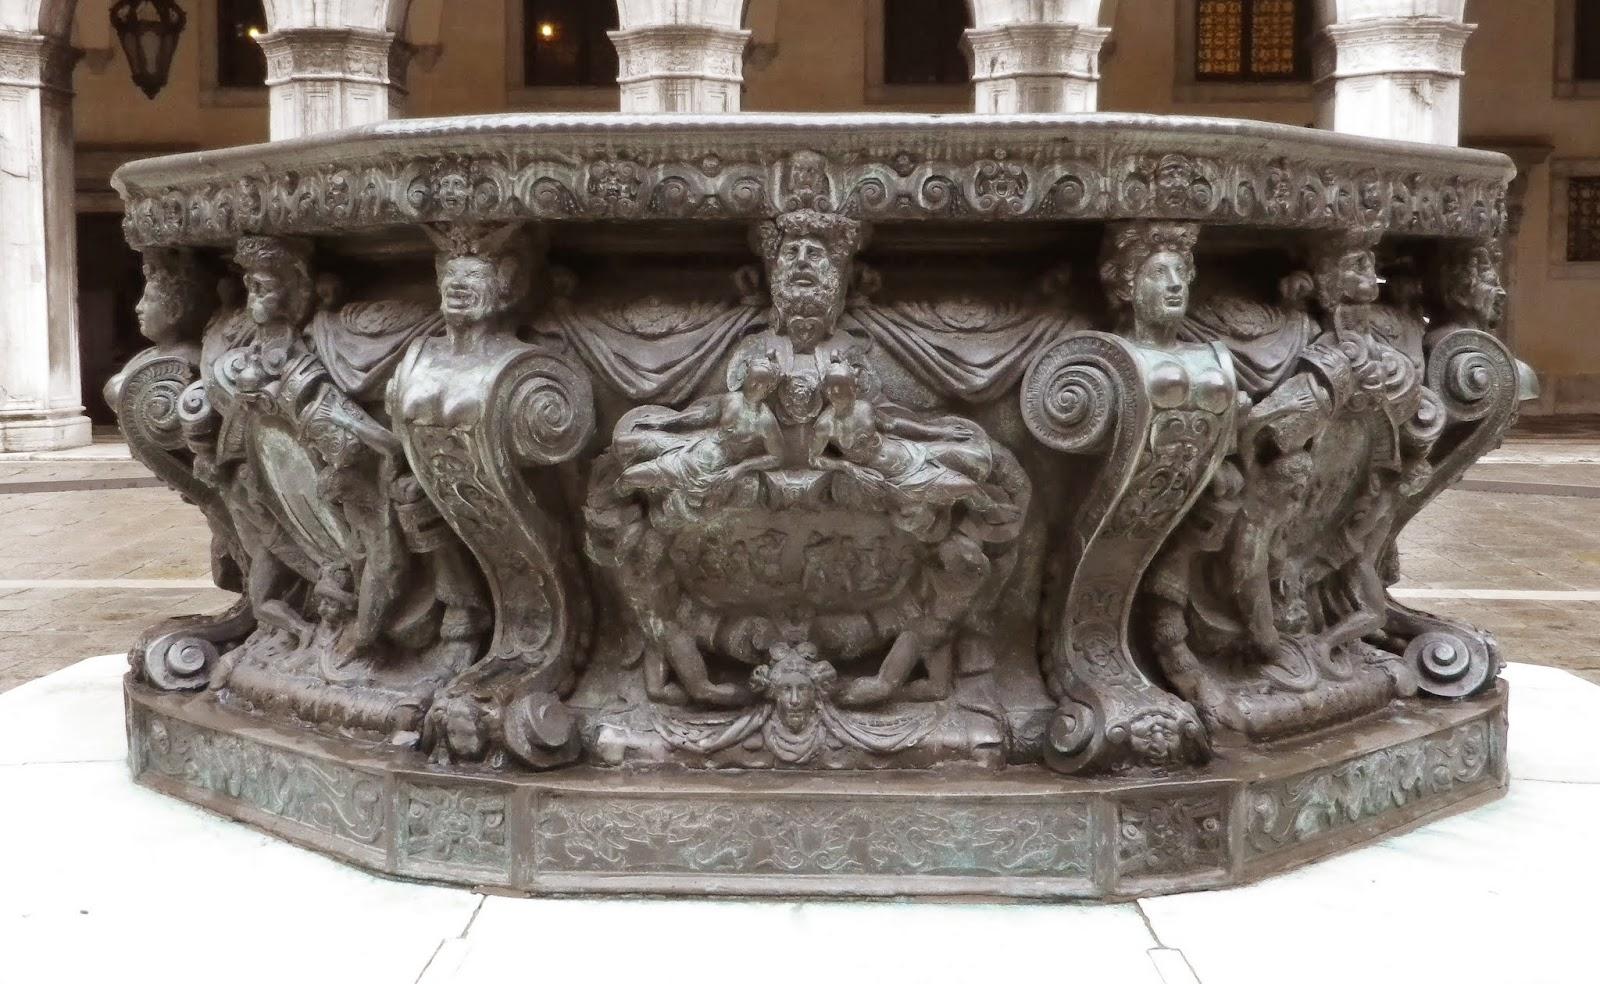 16th century bronze well-head (vera da pozzo), Palazzo Ducale, Venice